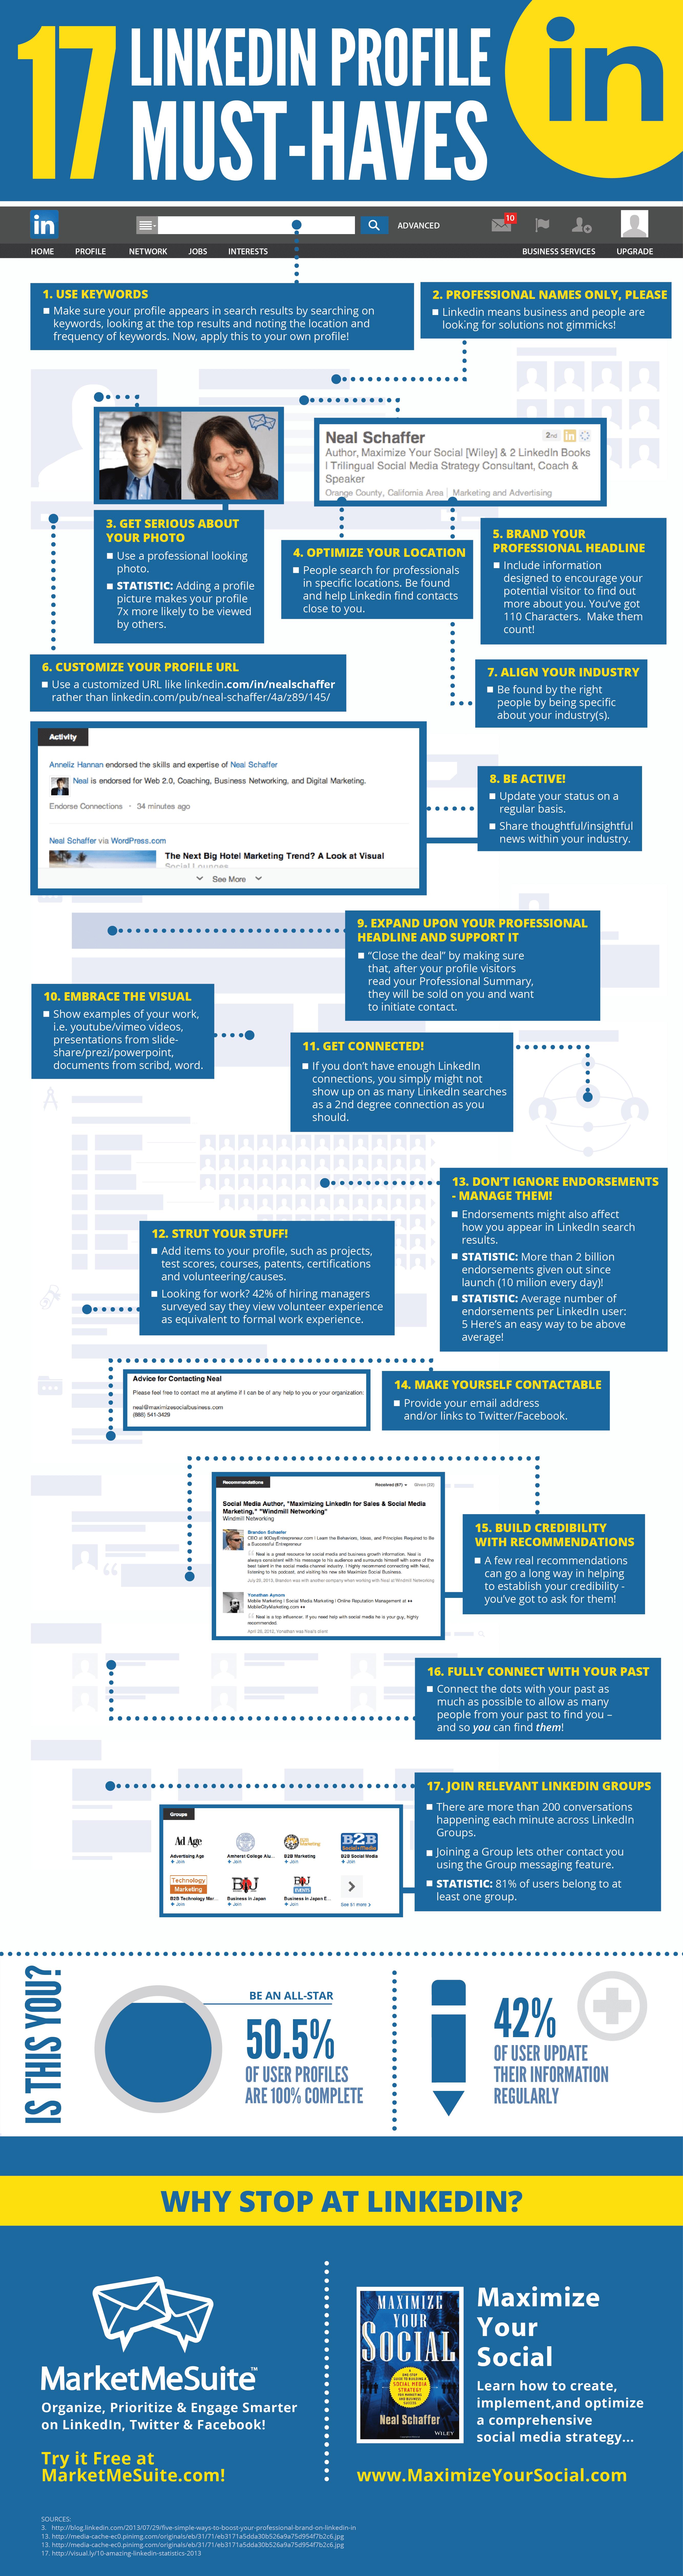 Een effectief LinkedIn-profiel- 17 must-haves [infographic]